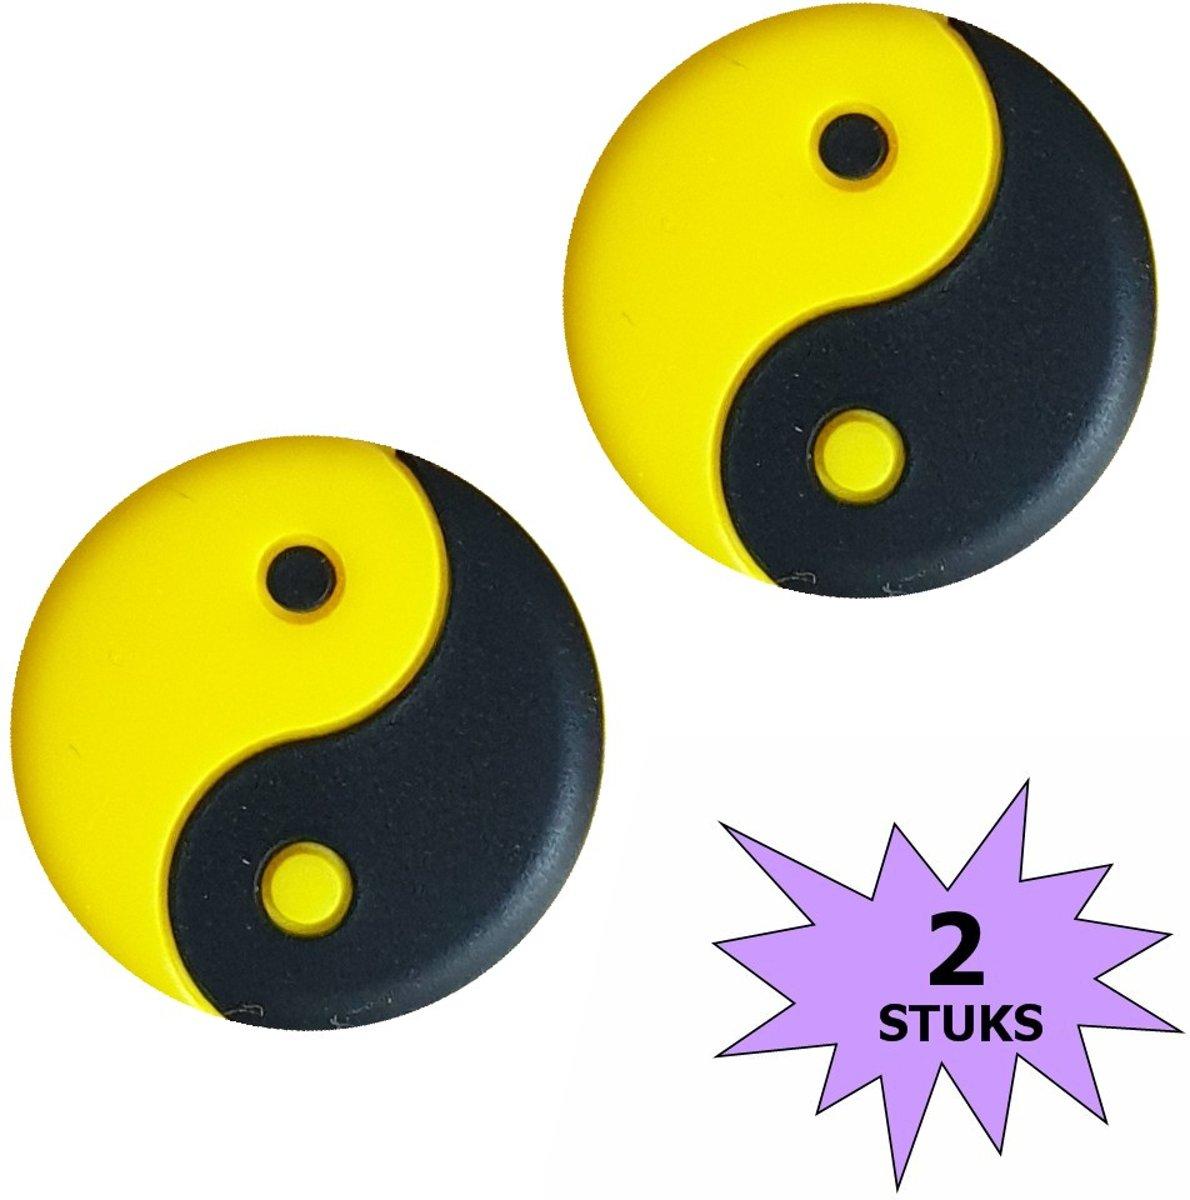 Fako Bijoux® - Tennisdemper - Yin Yang - Zwart/Geel - 2 Stuks kopen